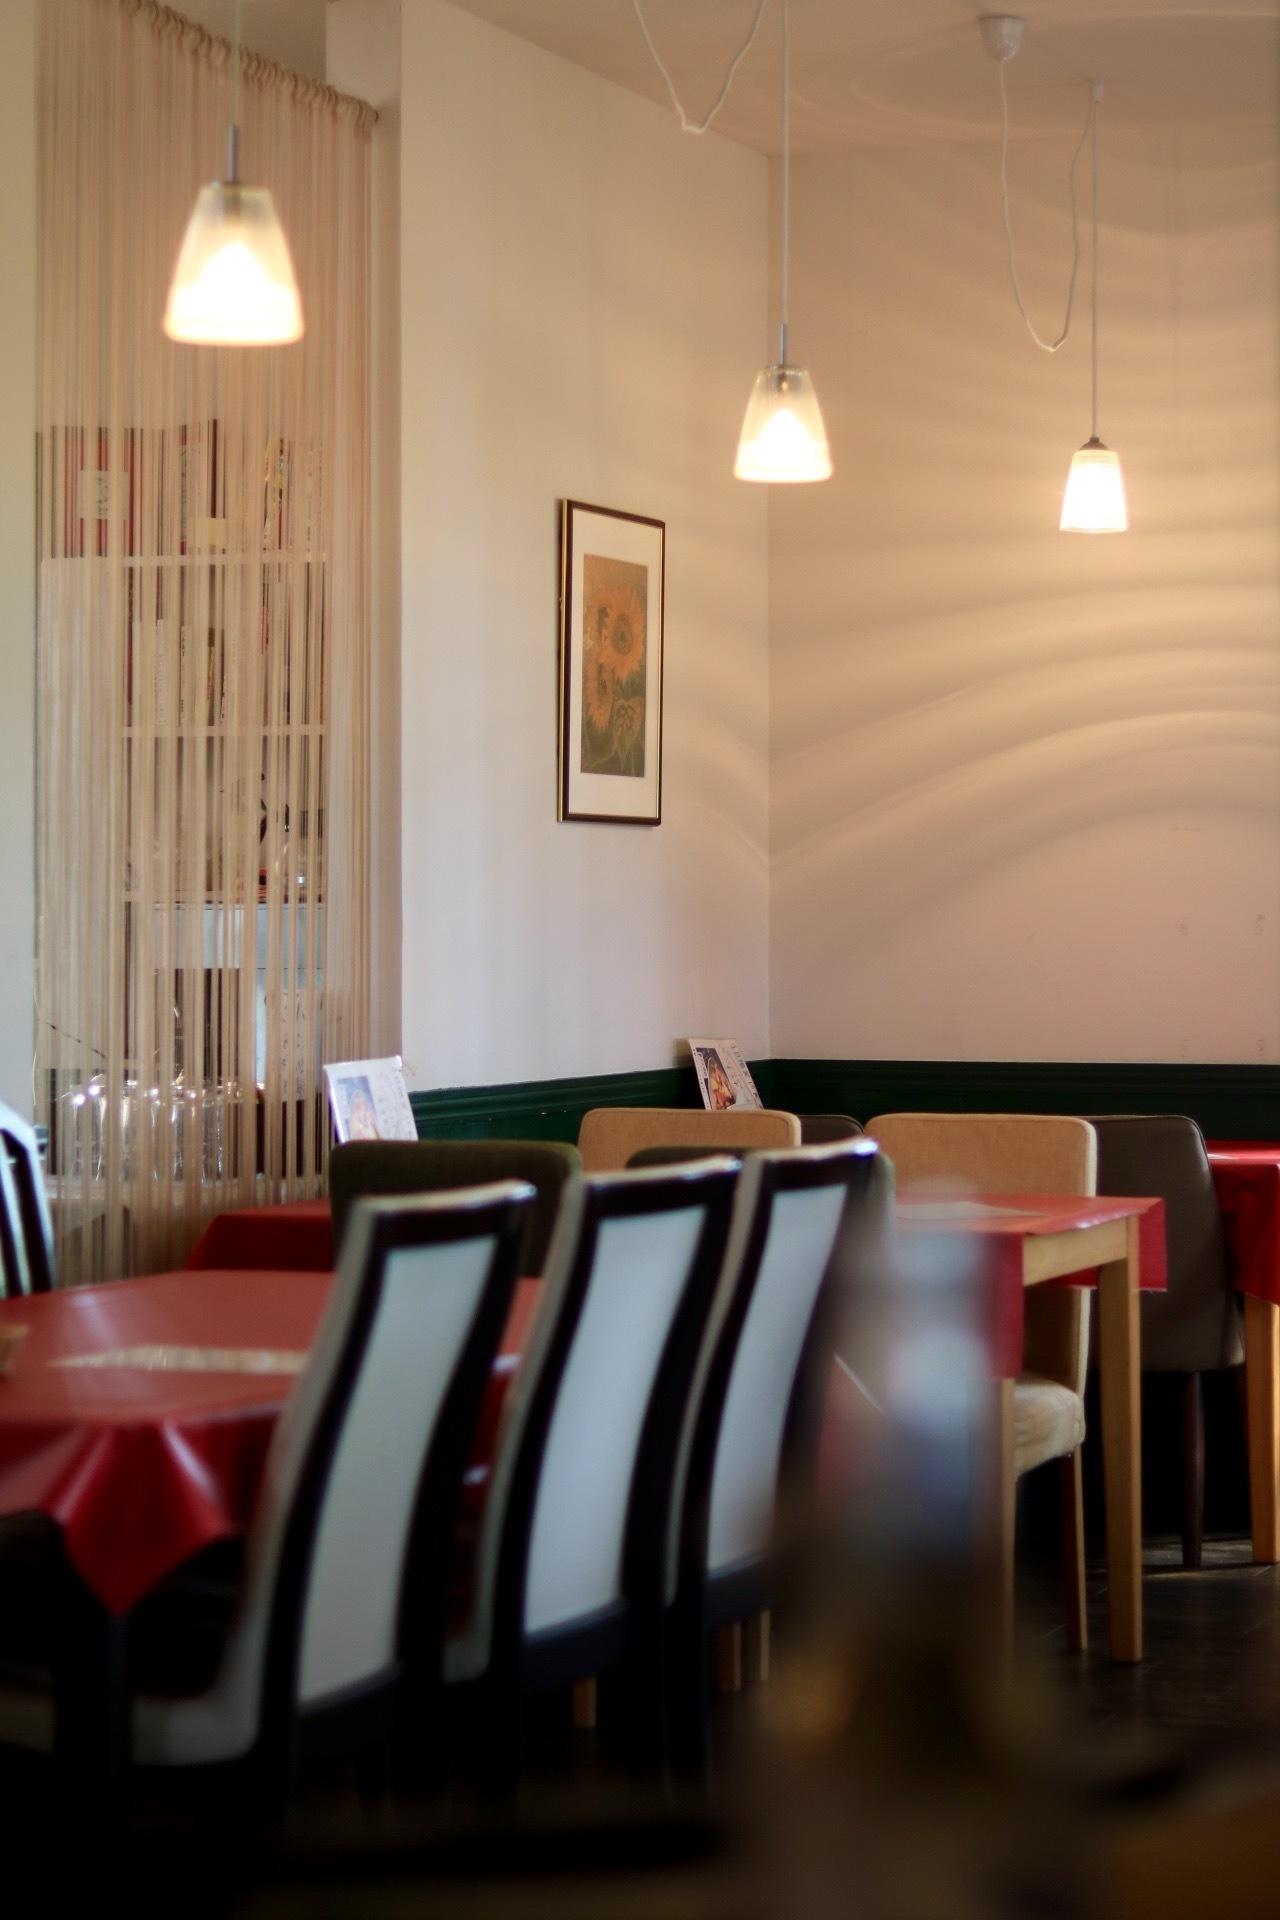 行田のイタリア食堂ラノッキオさんでランチ_c0366722_16253663.jpeg